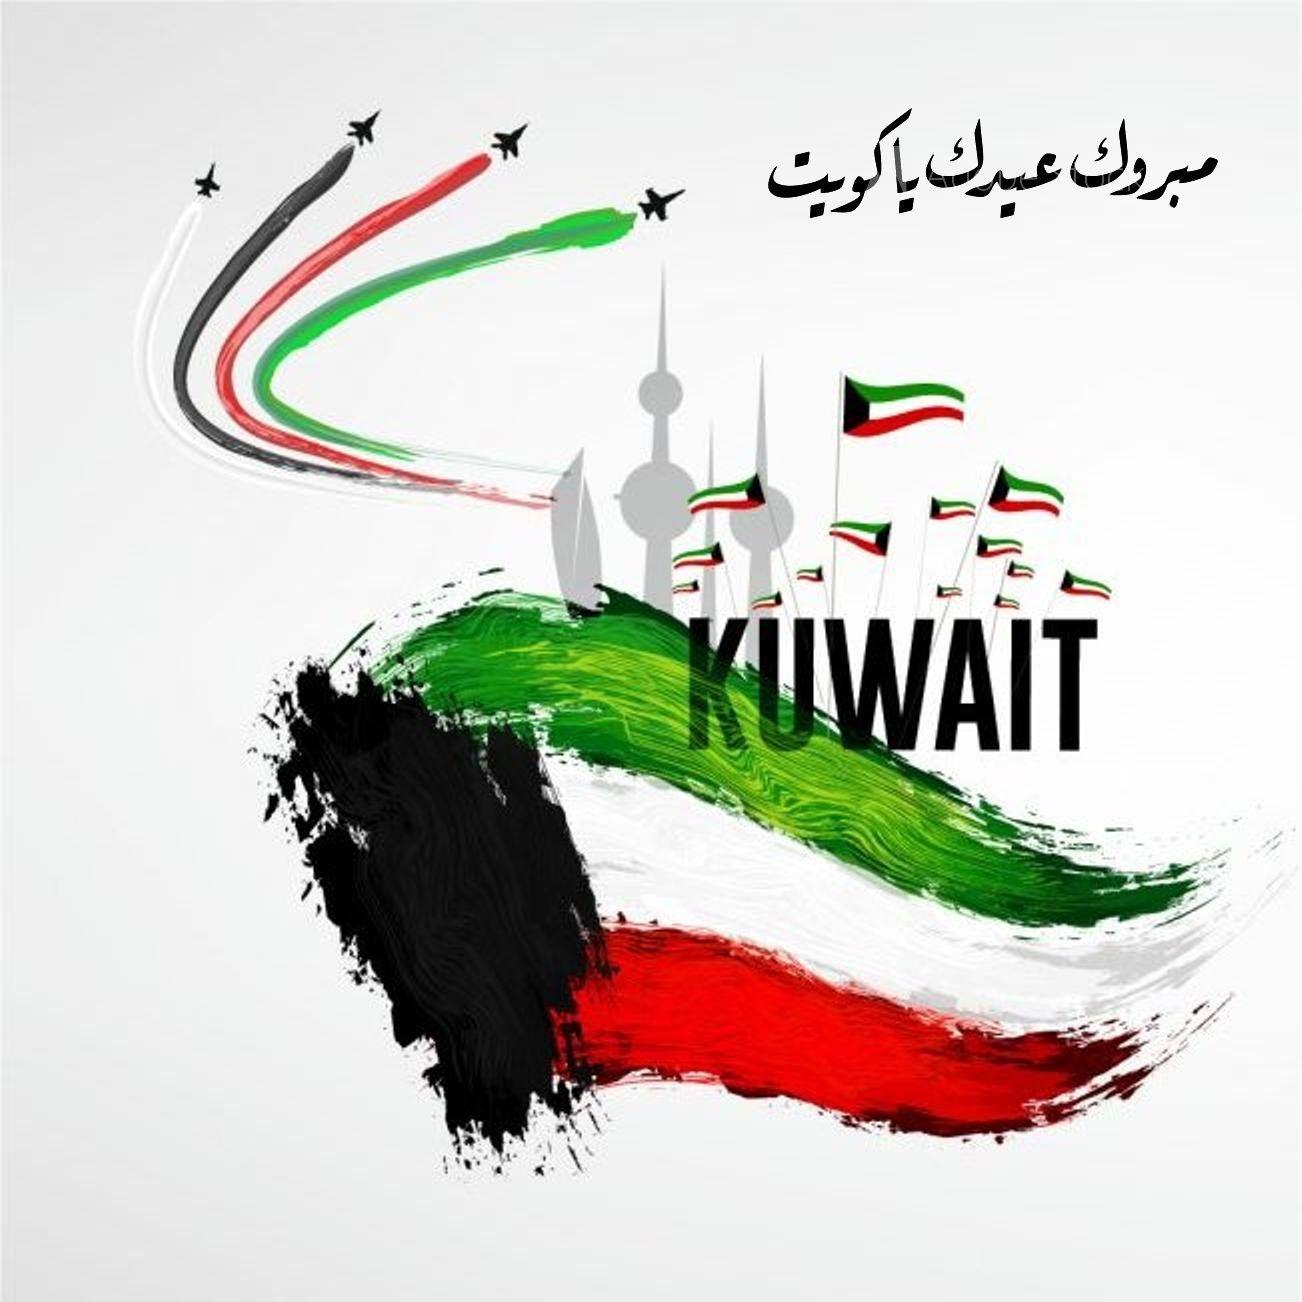 Pin By Waleed Althawadi On Kuwait Kuwait National Day Music Drawings Photo